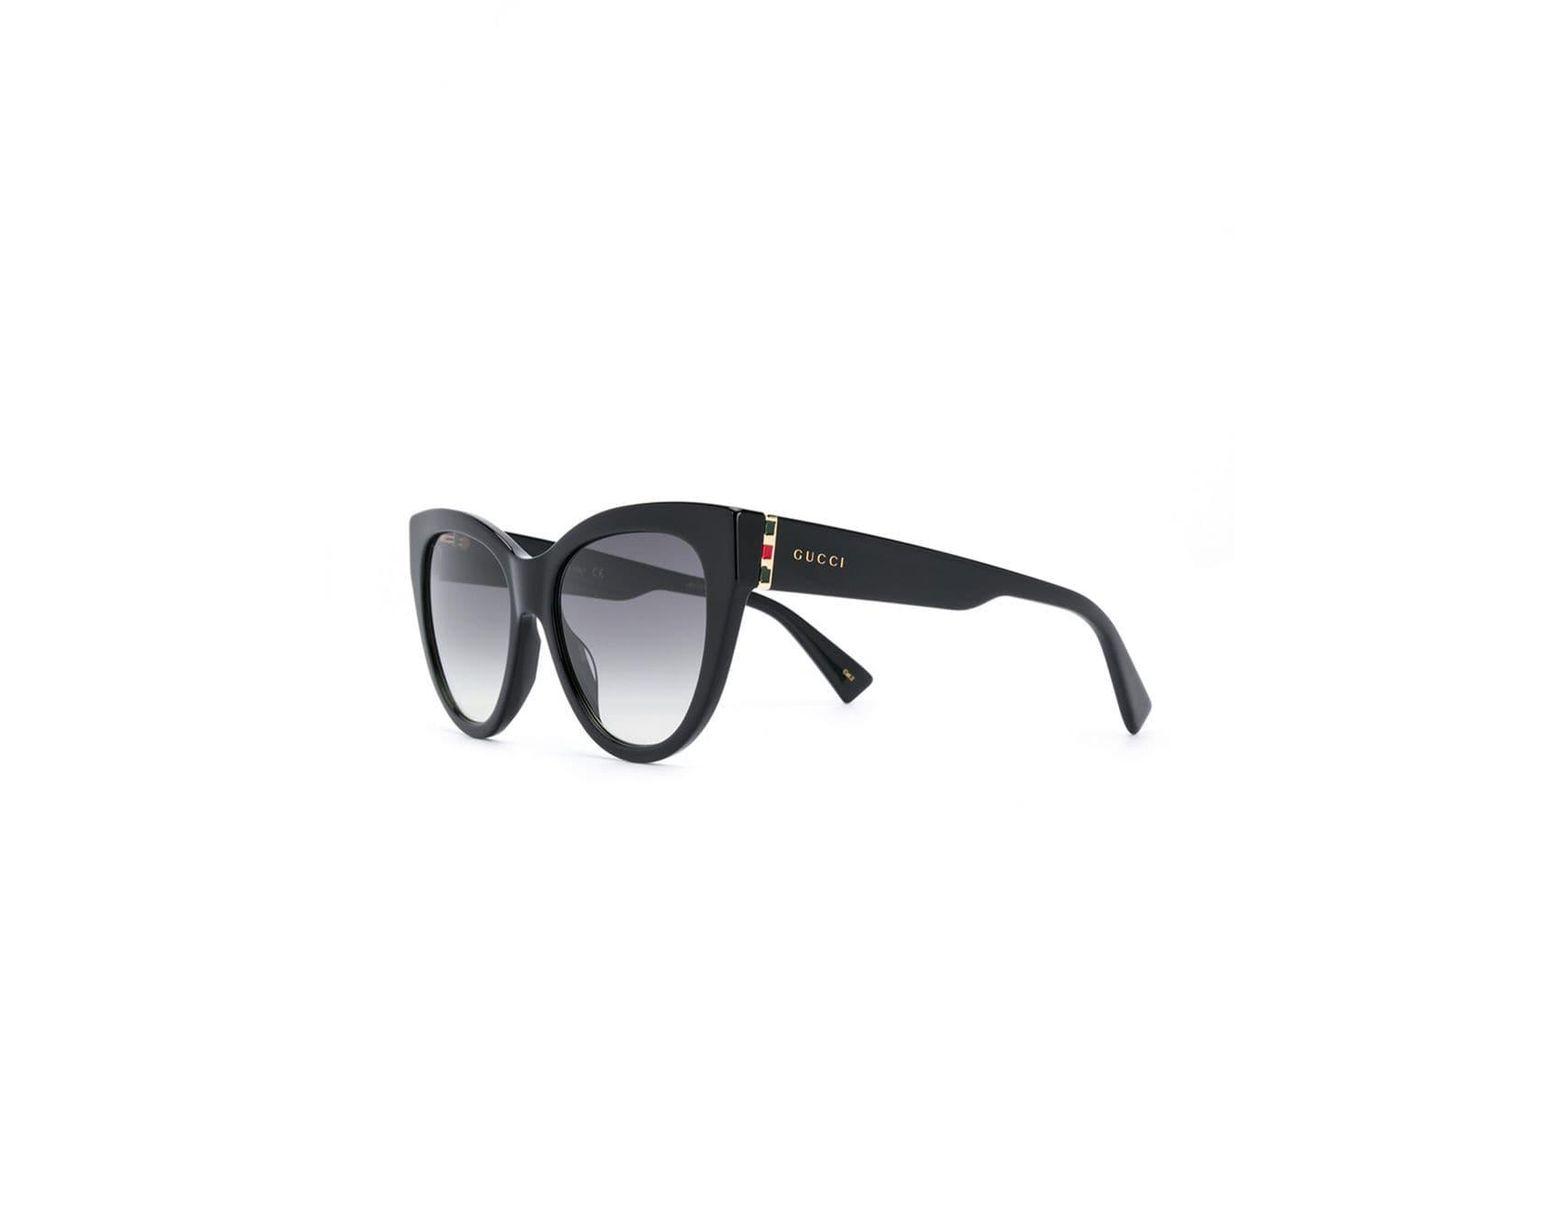 7712c18bc9 Gafas de sol estilo cat eye tintadas Gucci de color Negro - Lyst